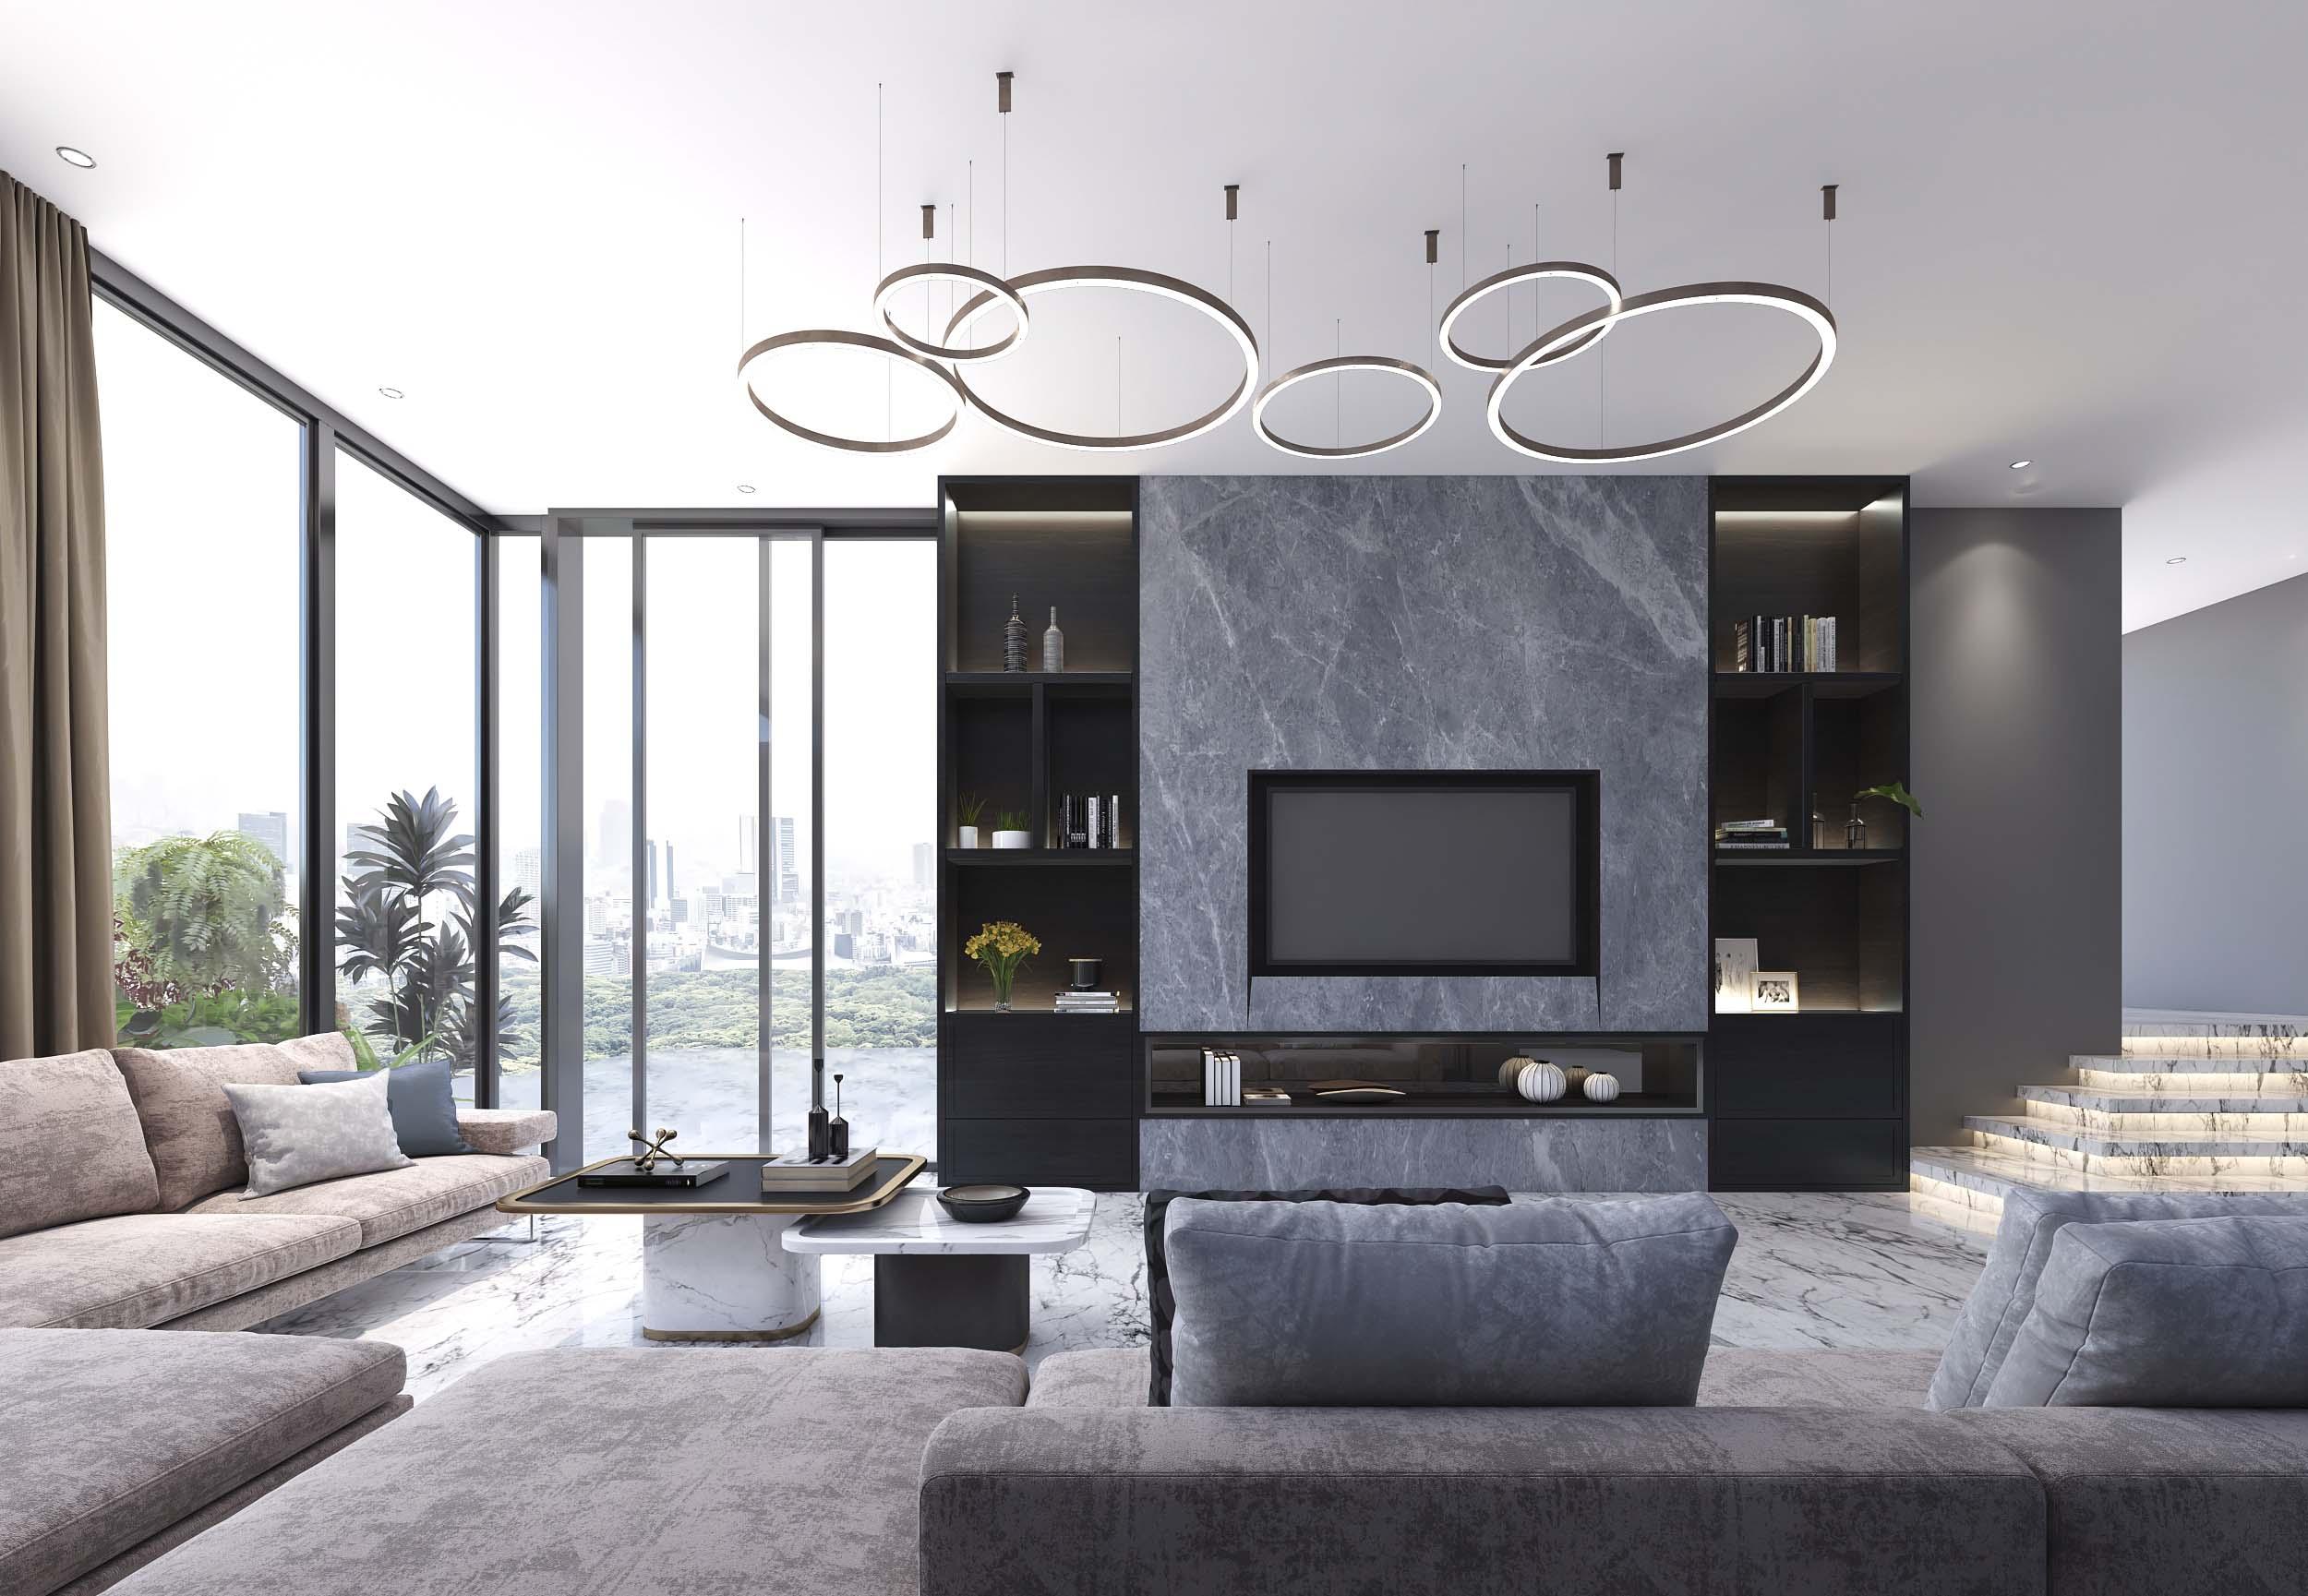 要保证别墅设计效果,必须了解装修设计公司